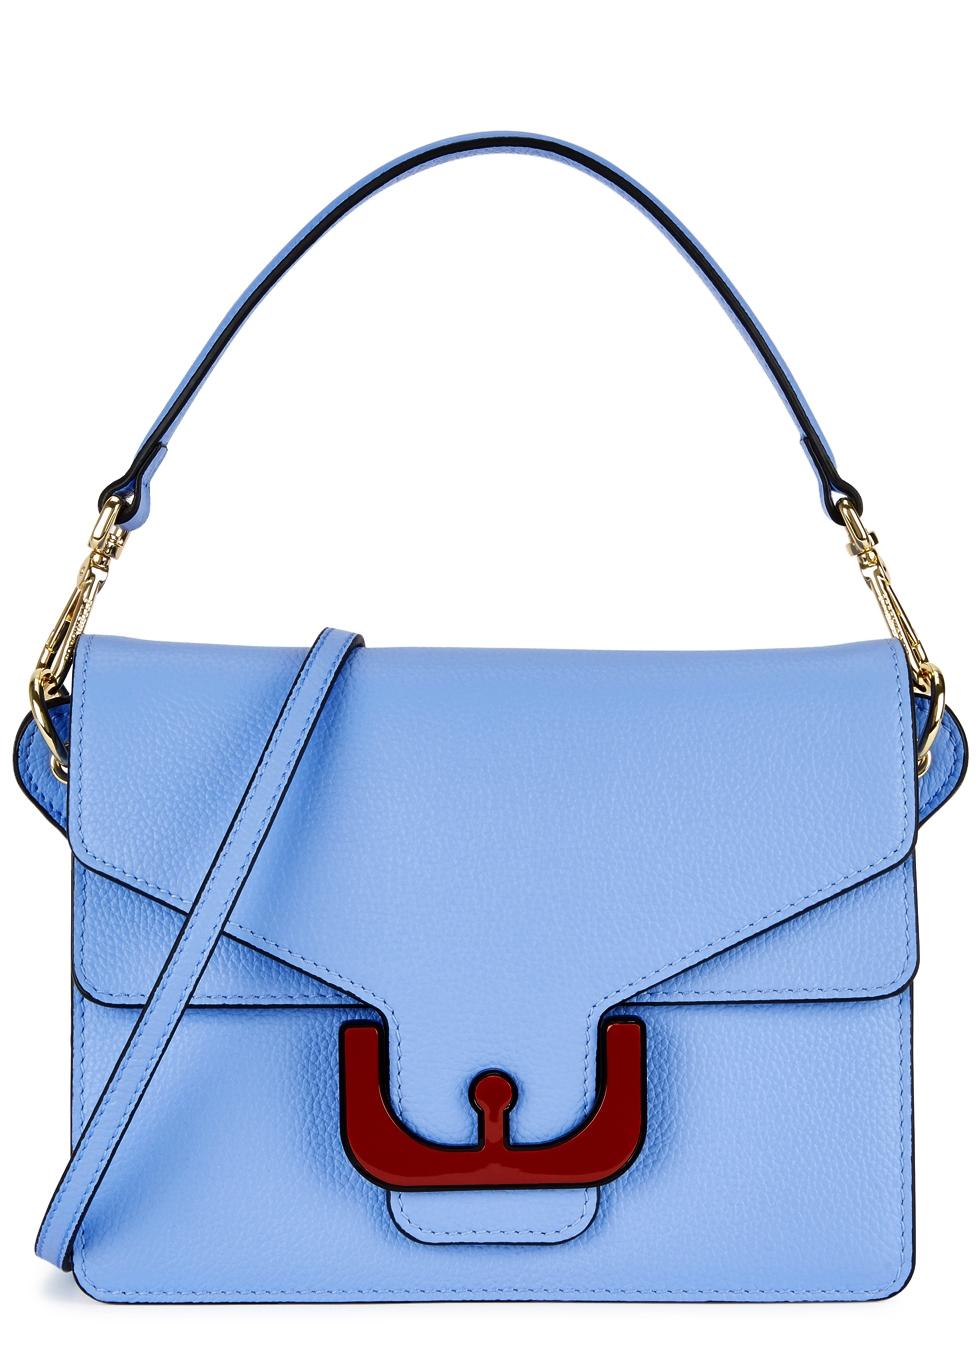 Ambrine Blue Leather Shoulder Bag